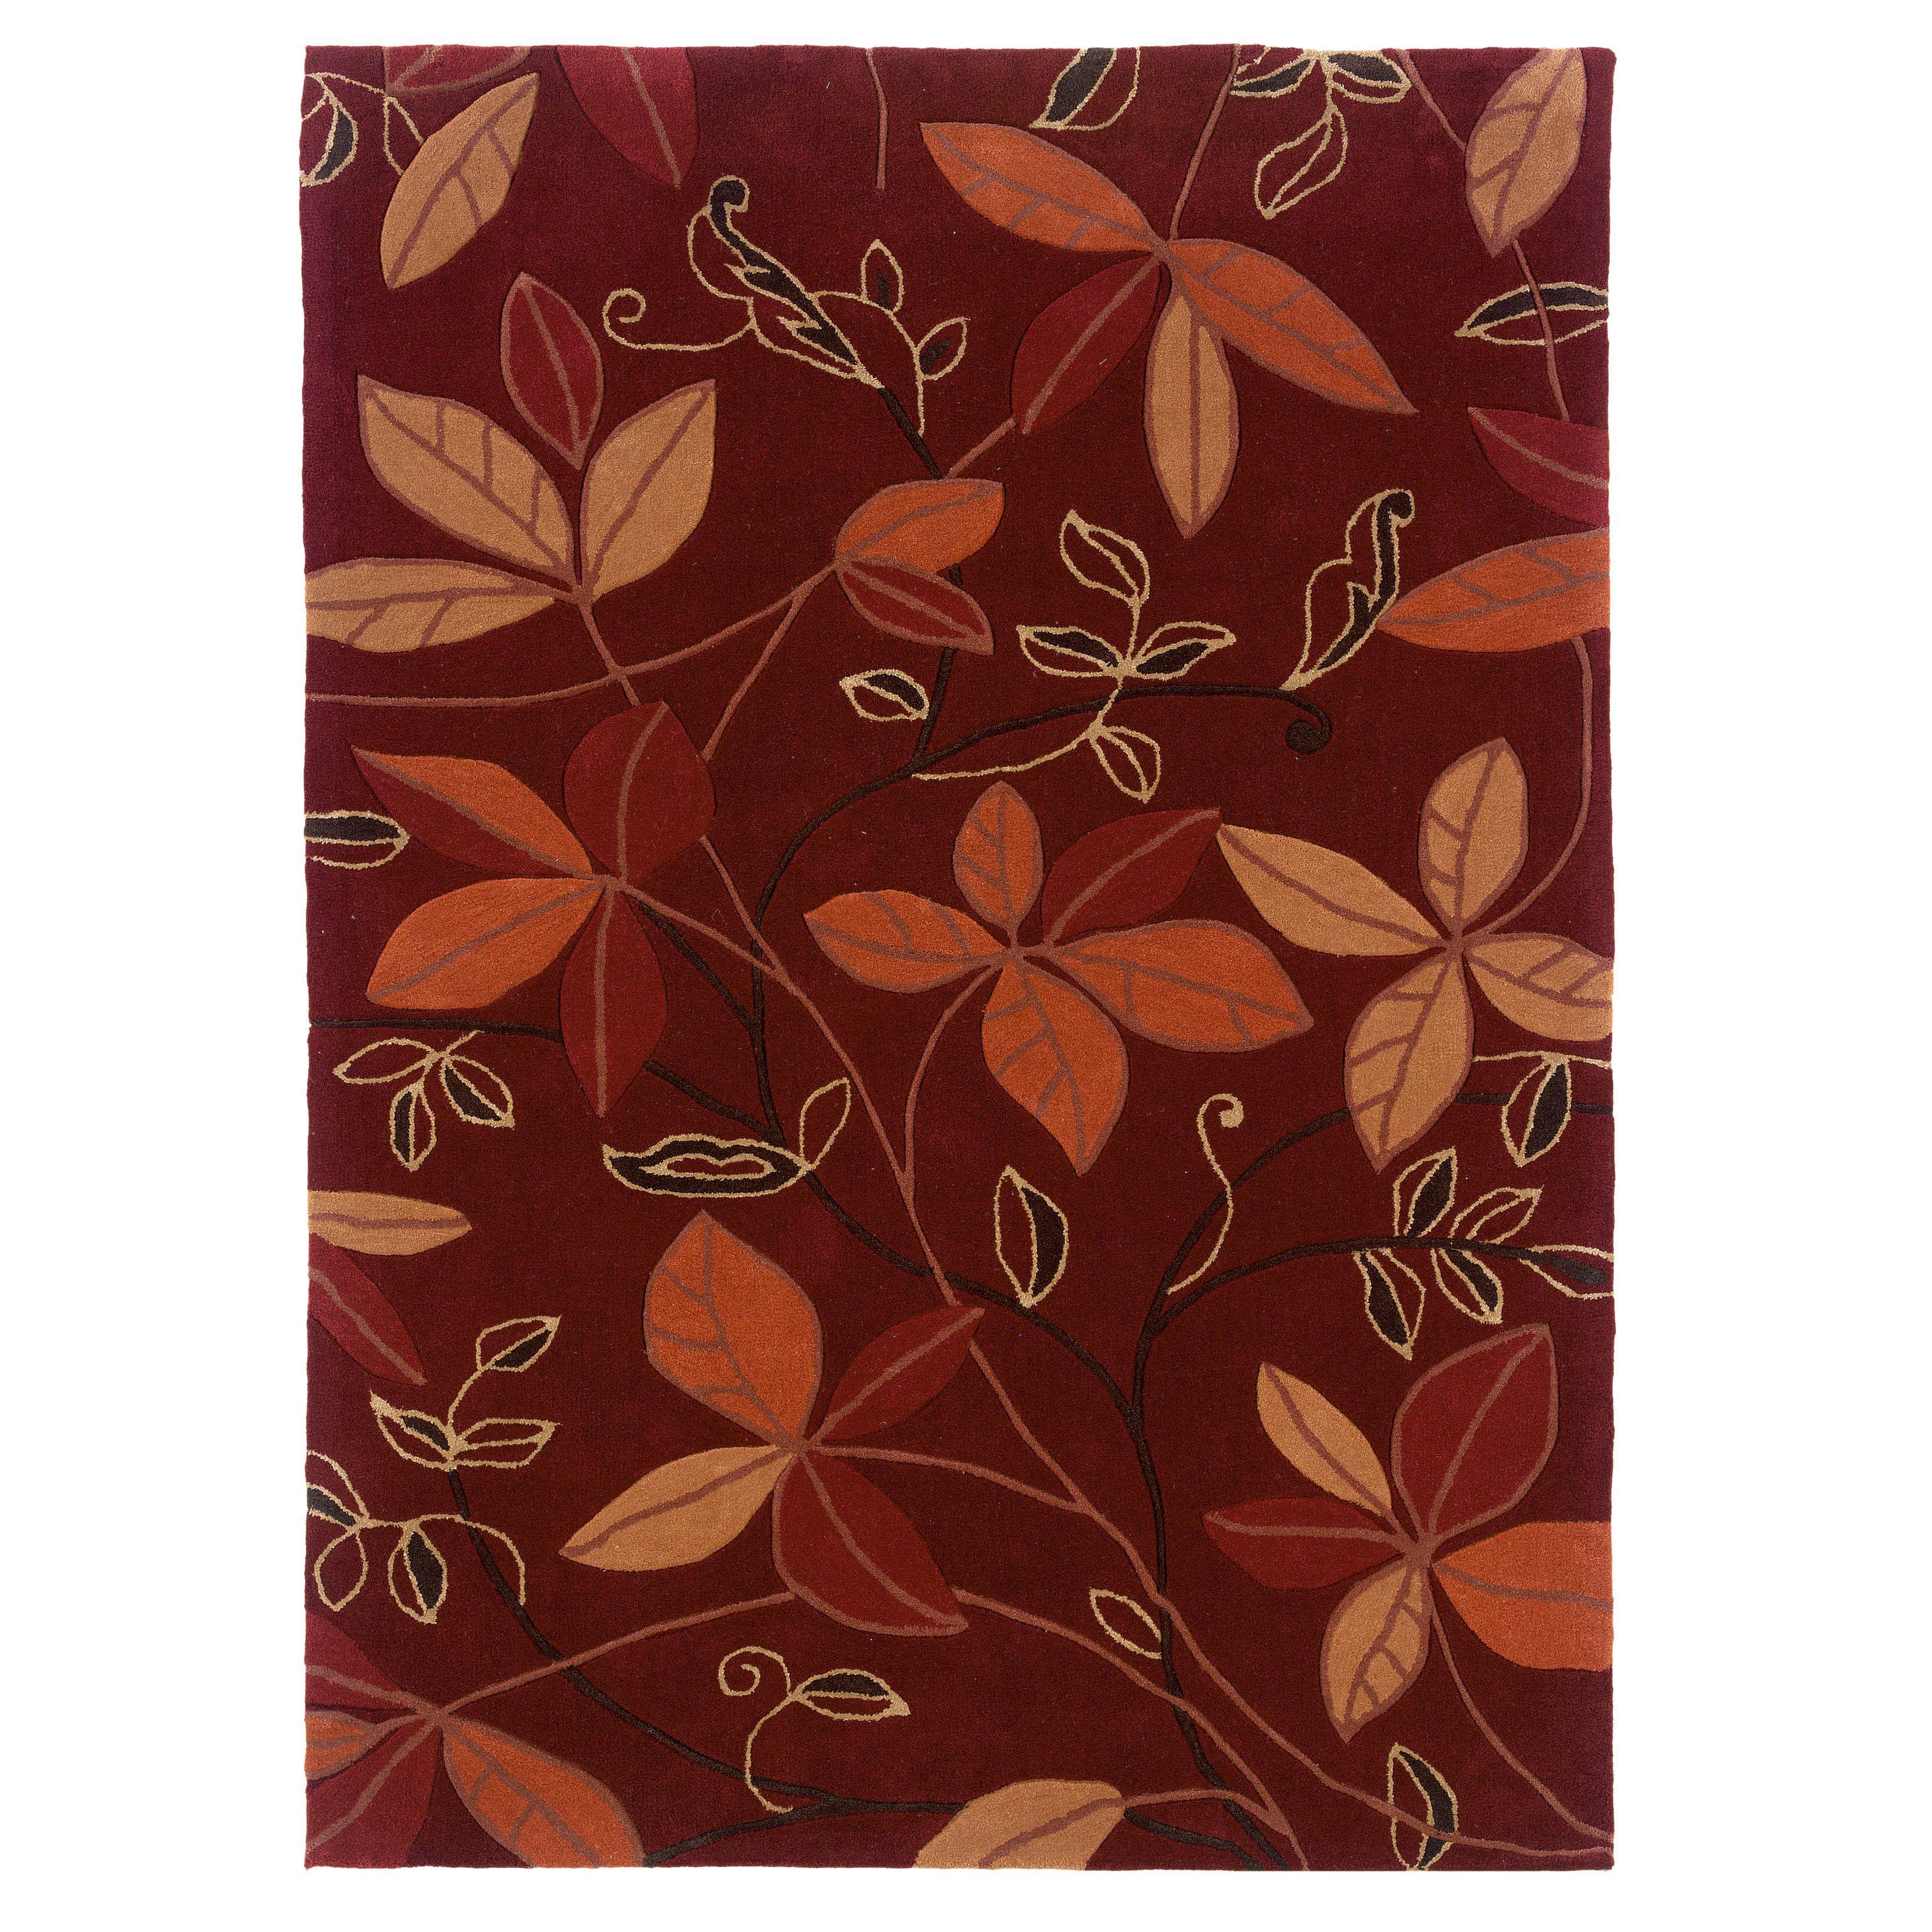 Linon Trio Collection Garnet & Orange Rug (5' x 7') (Garnet & Orange Rug (5' x 7')), Size 5' x 7' (Cotton, Floral)